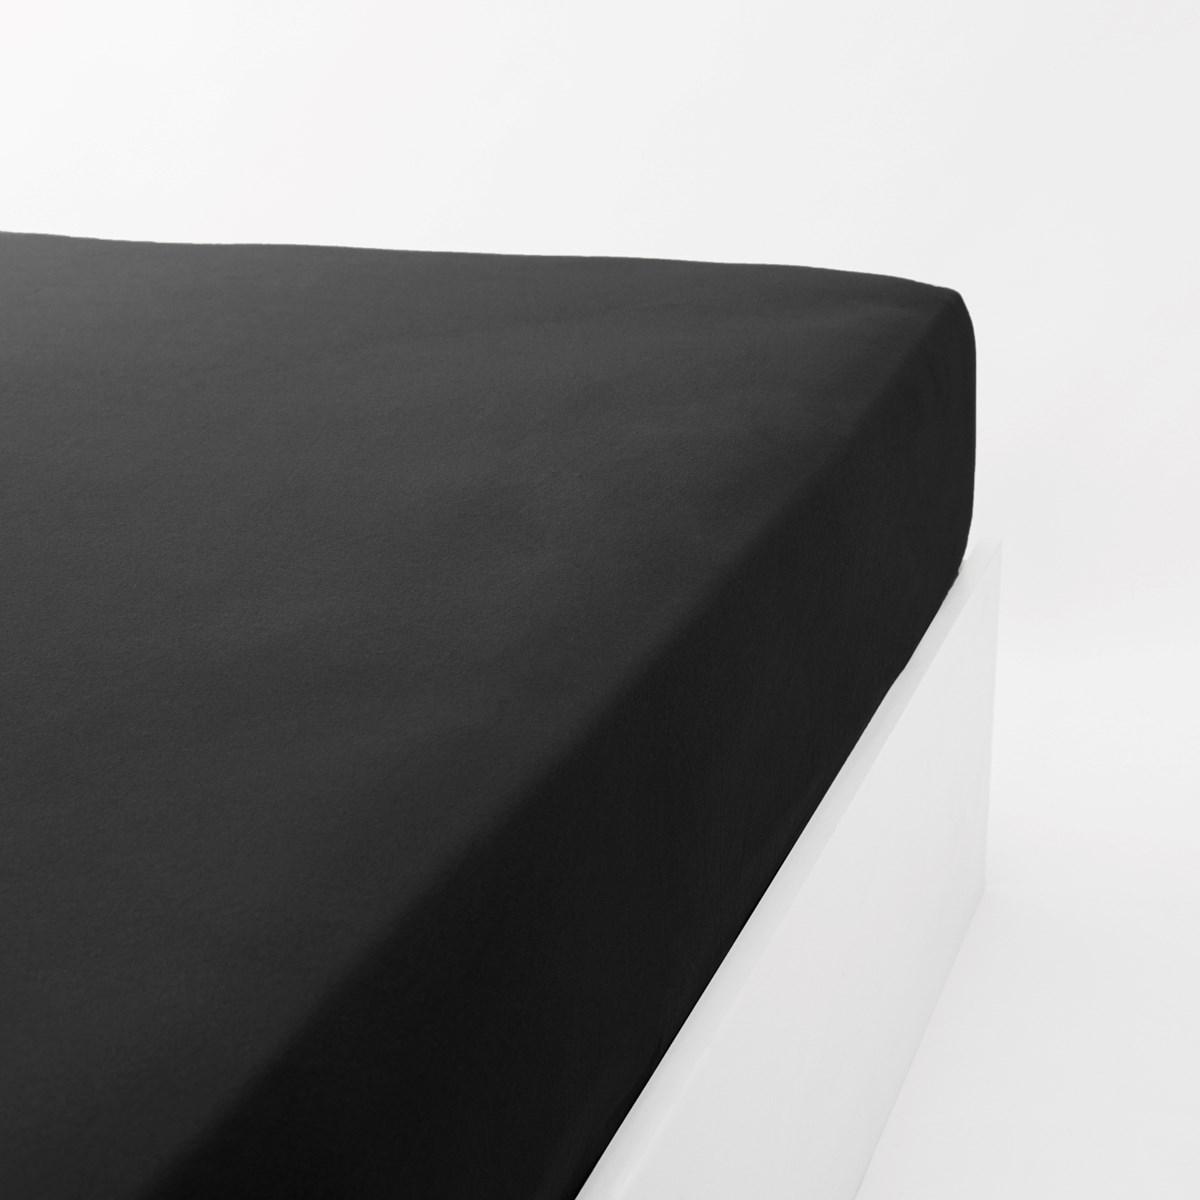 Drap housse jersey extensible en coton noir 160x200 cm